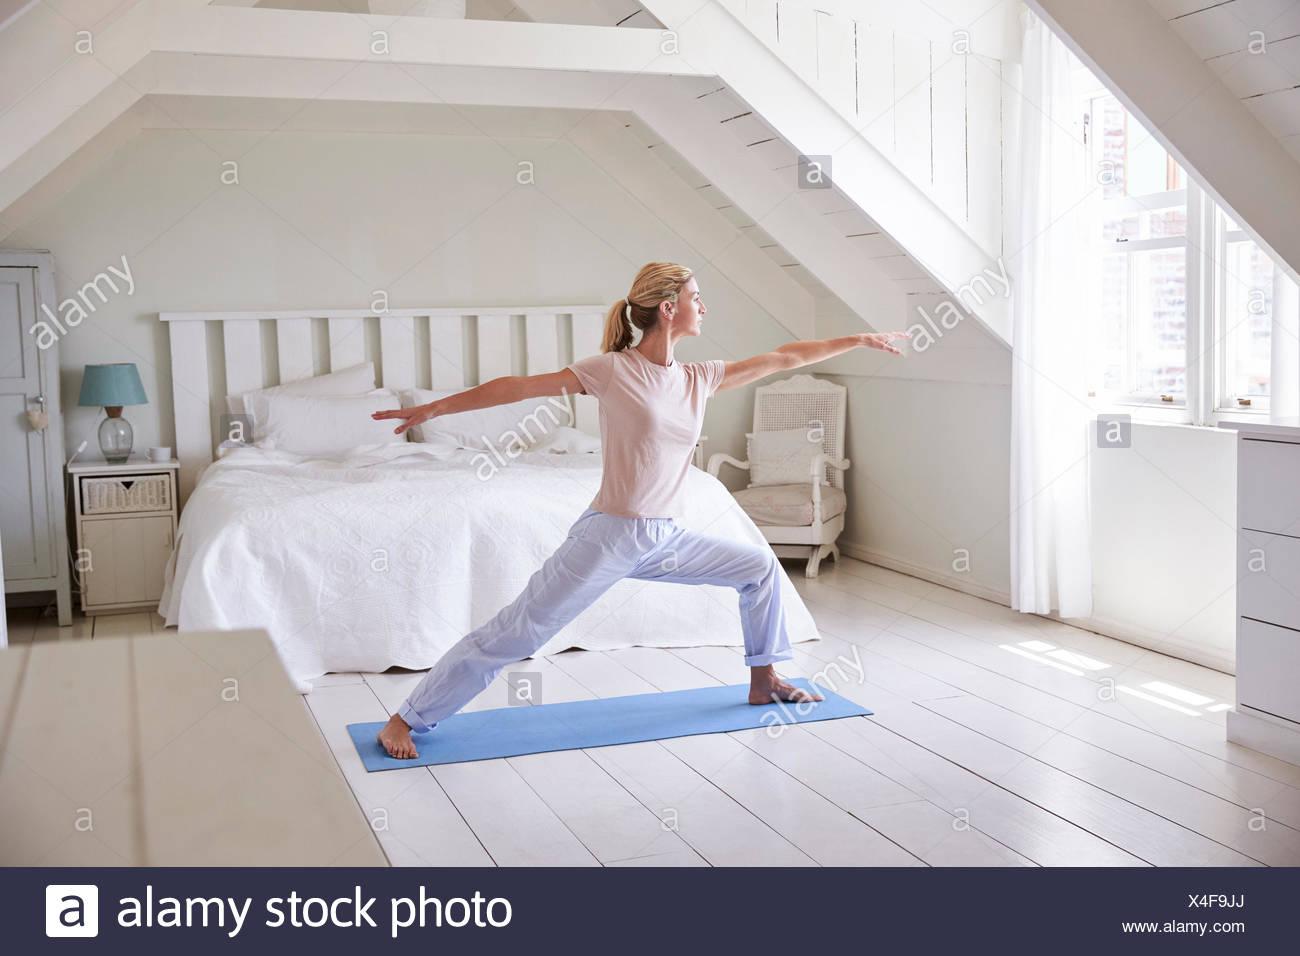 La mujer en el hogar comenzando mañana con ejercicios de yoga en la habitación Imagen De Stock